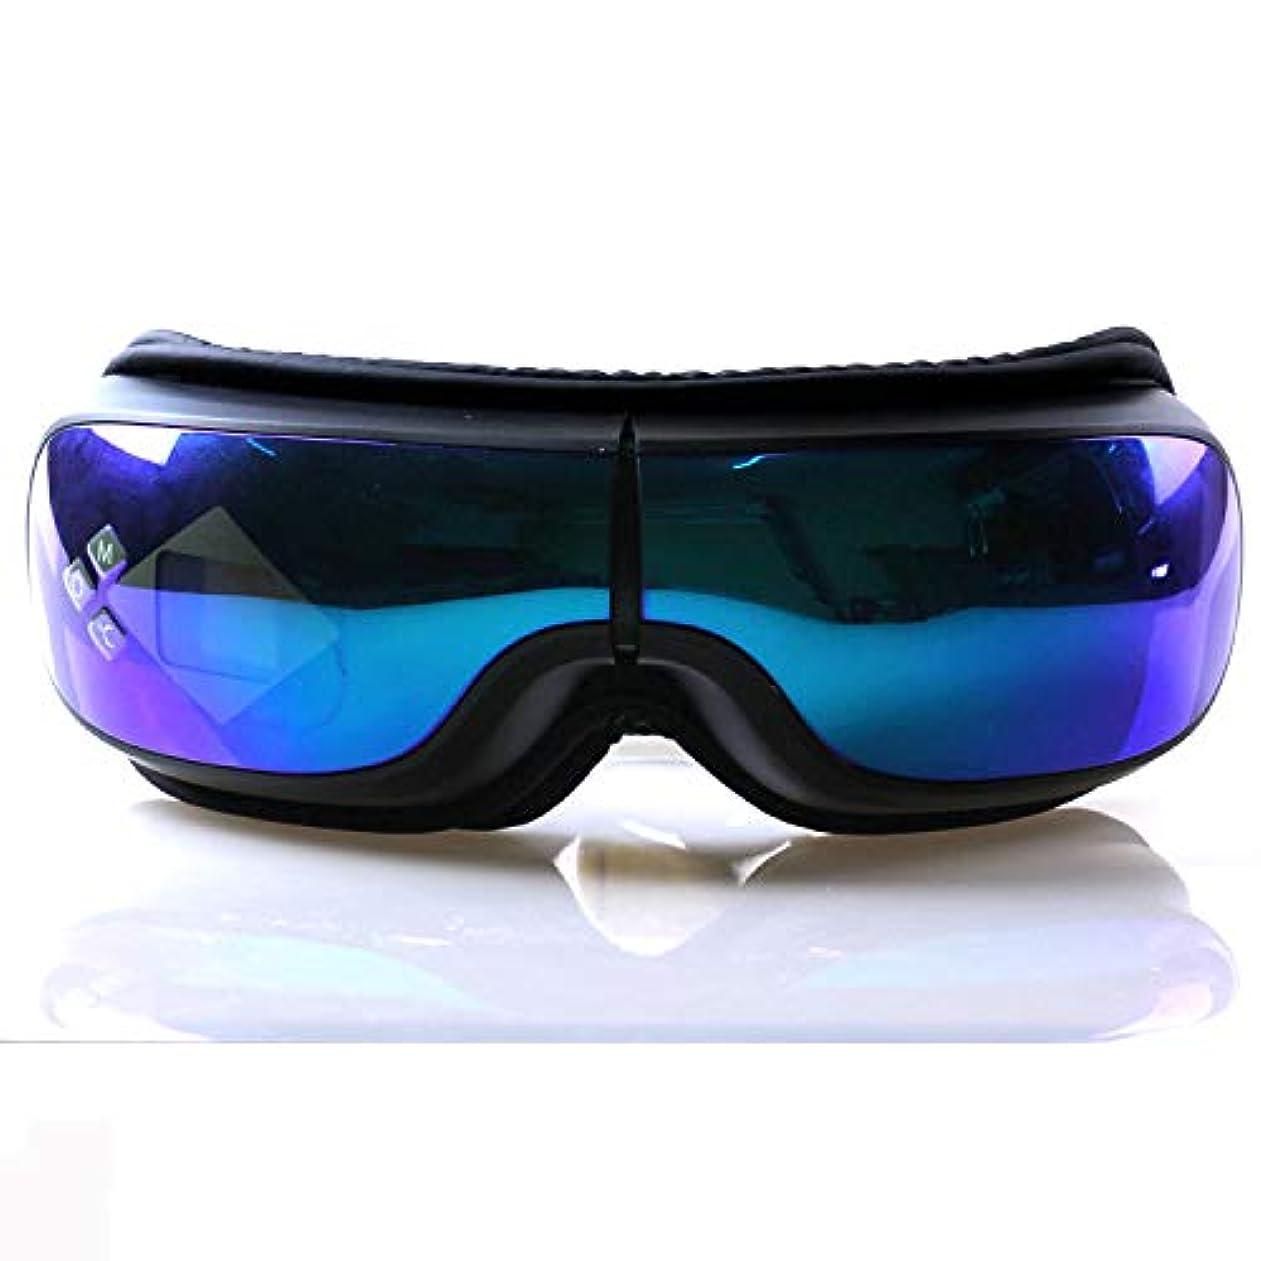 構成する神社娯楽グラフェンインテリジェントなワイヤレス空気圧アイインストゥルメントマッサージ器近視補正視力保護器,Blue